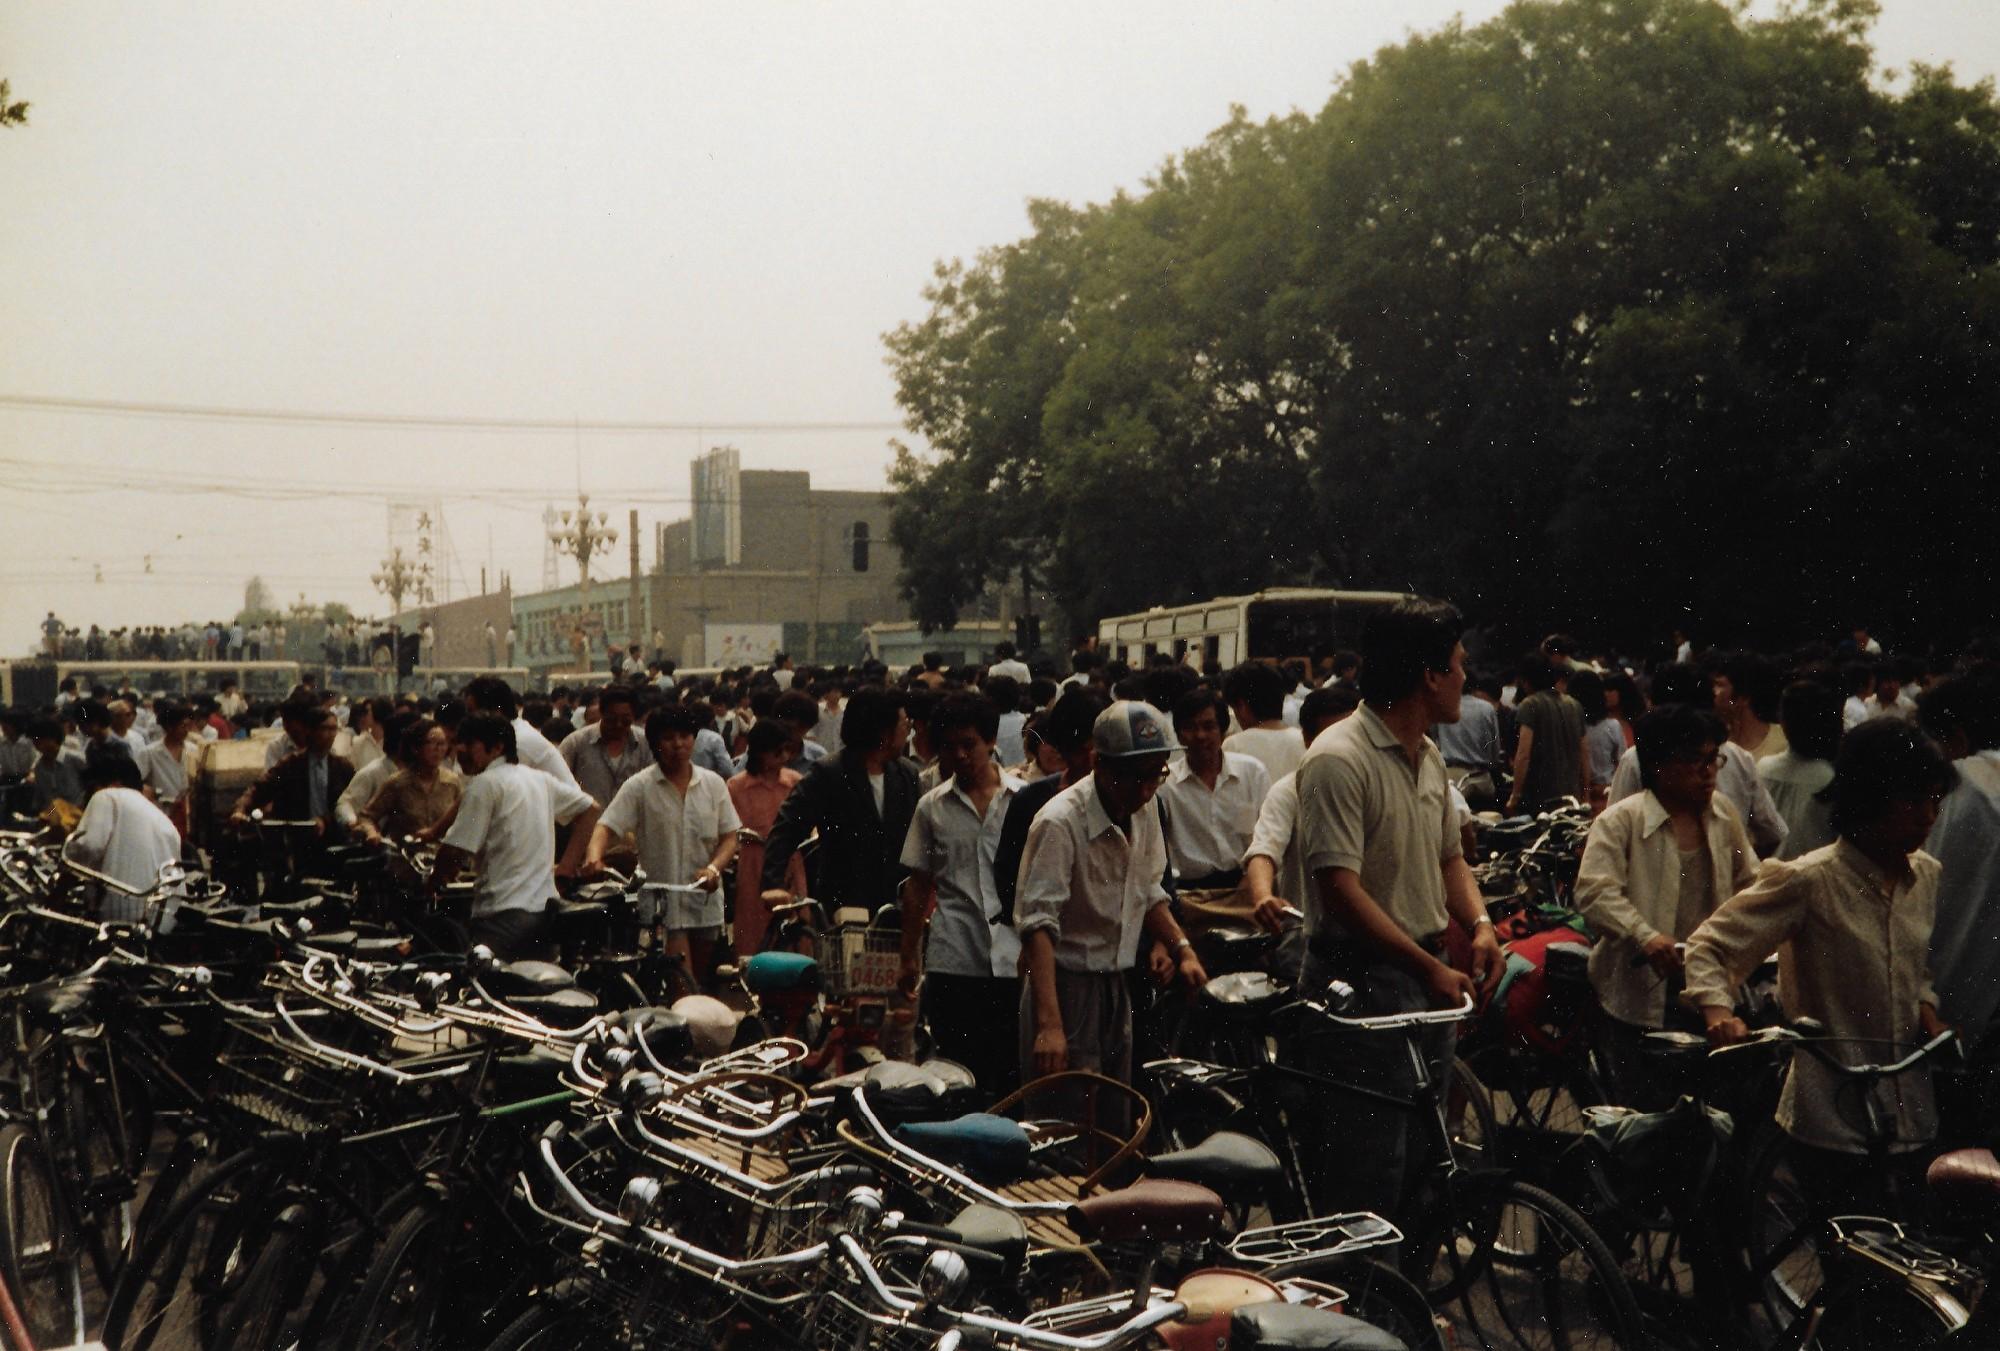 1989年6月3日上午,北京市西單路口。(王珍提供)